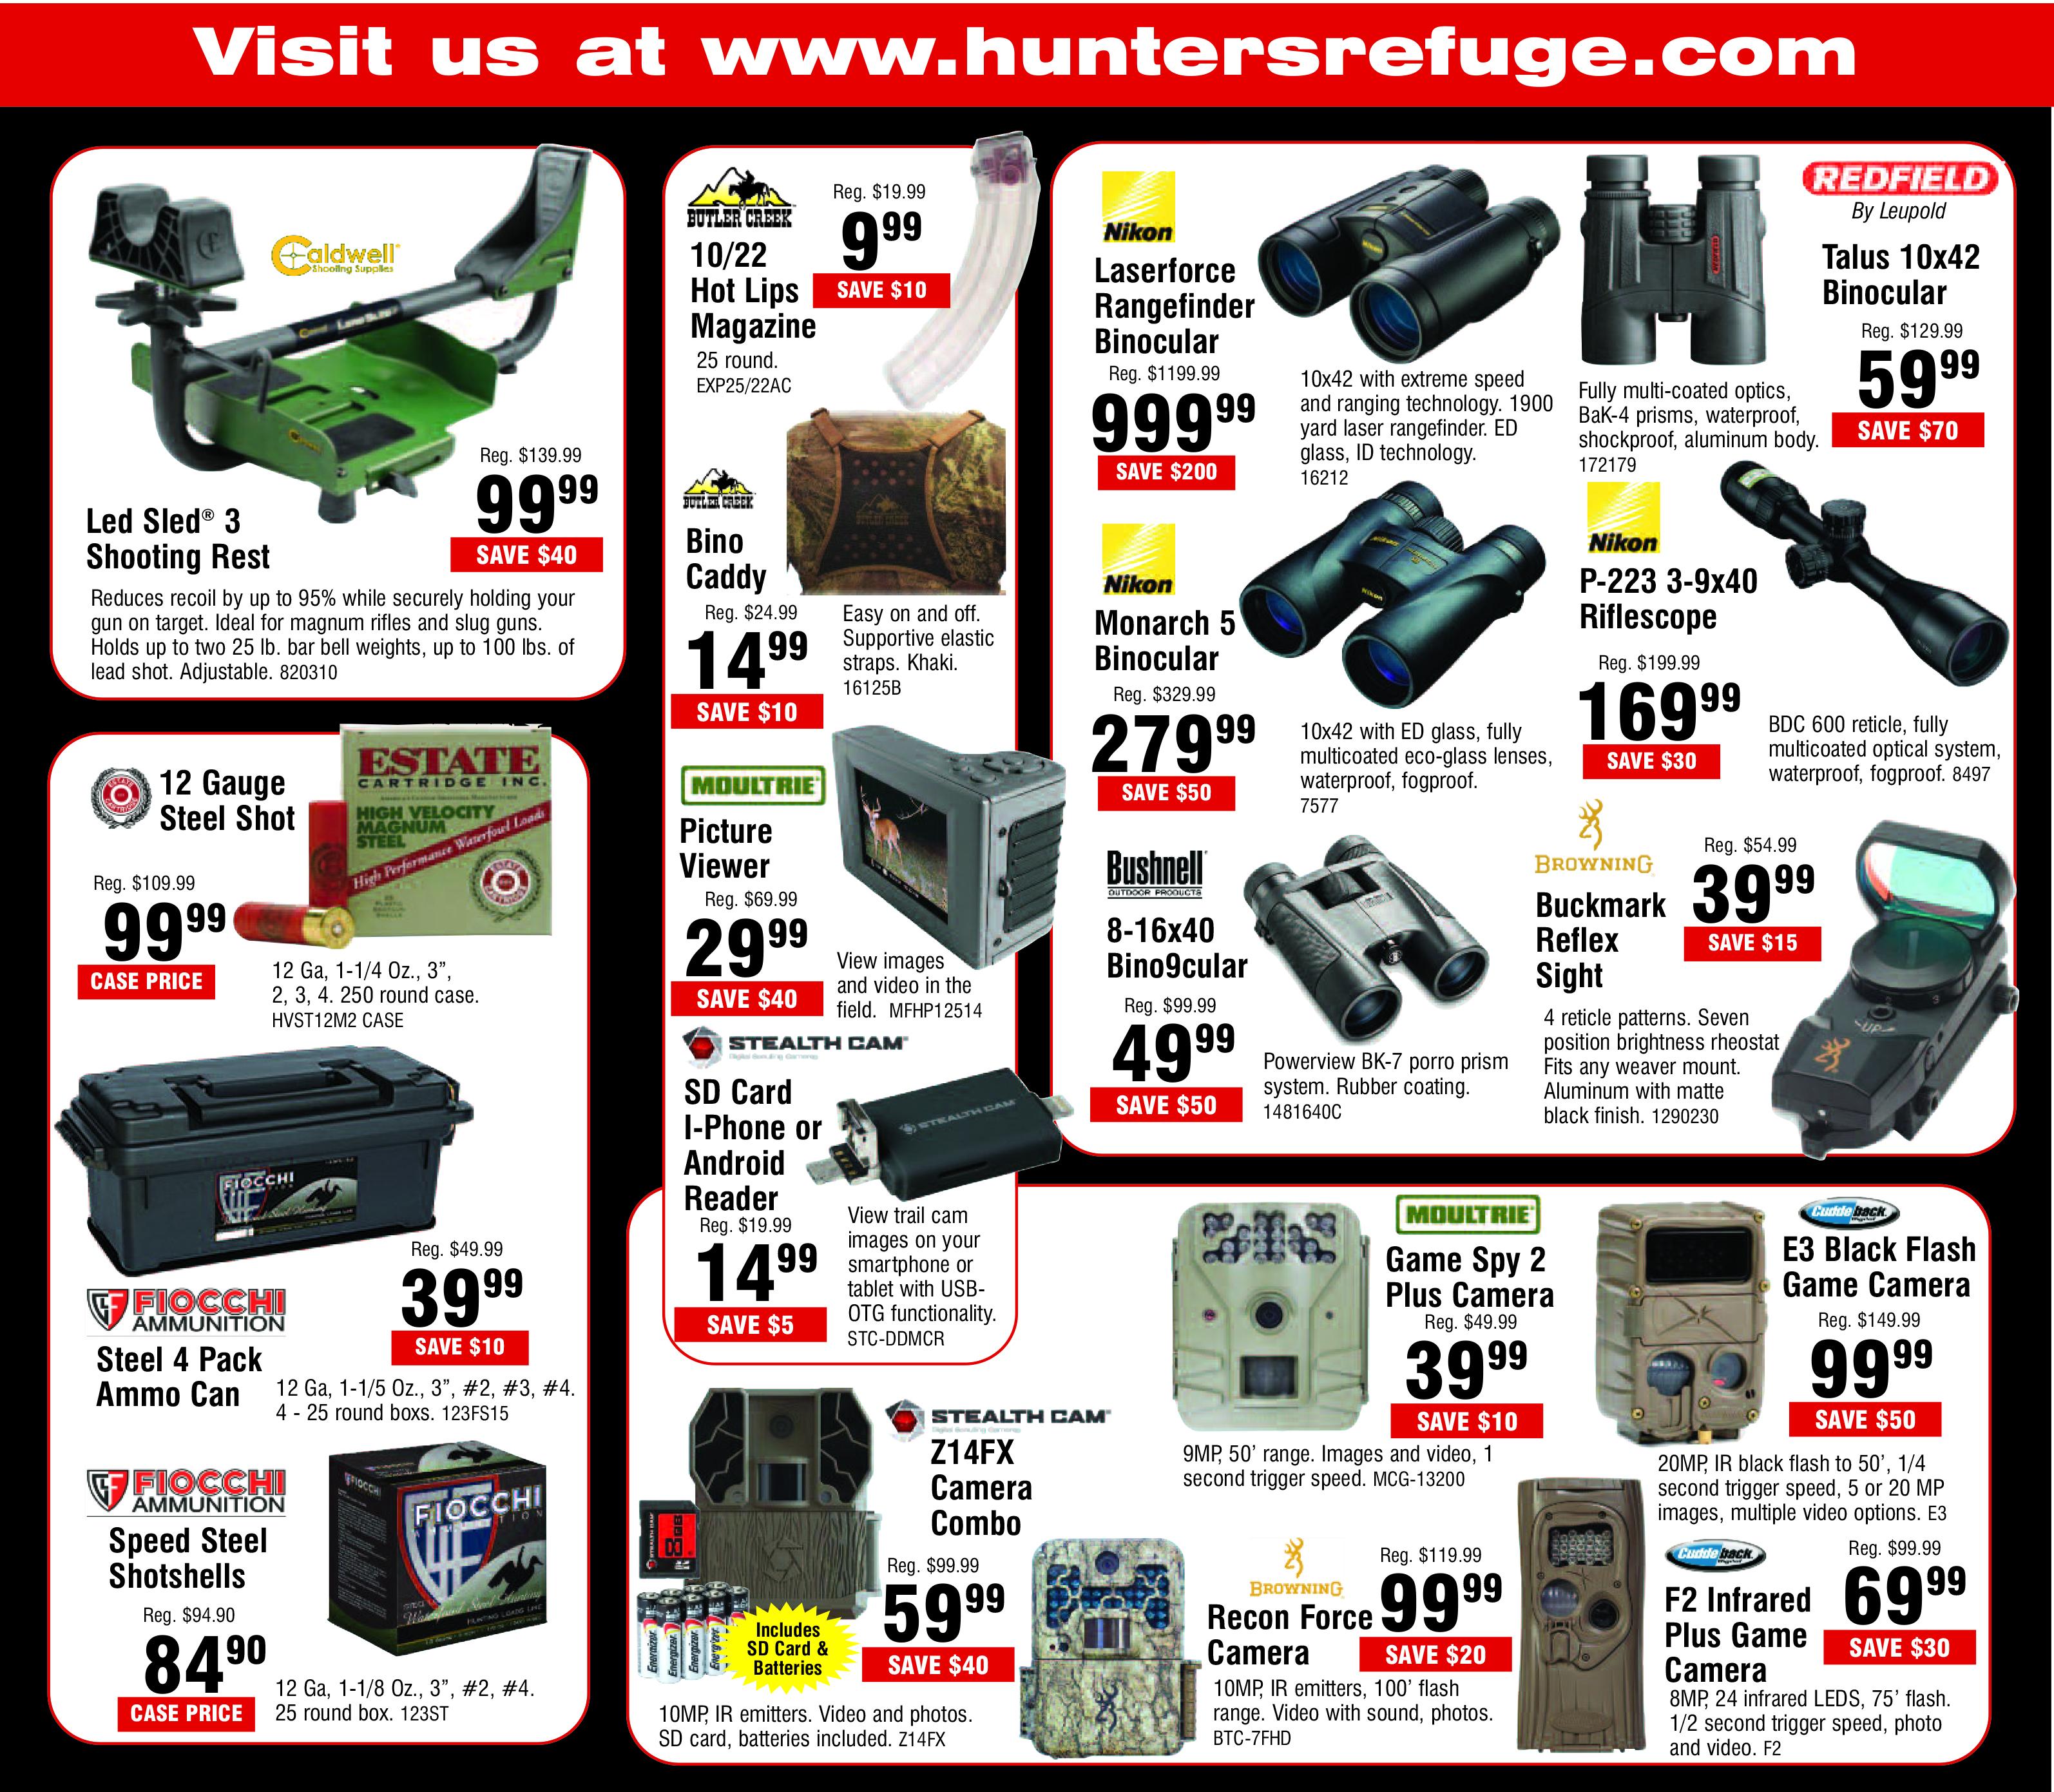 hunters-refuge-holiday-2017-final-4.jpg